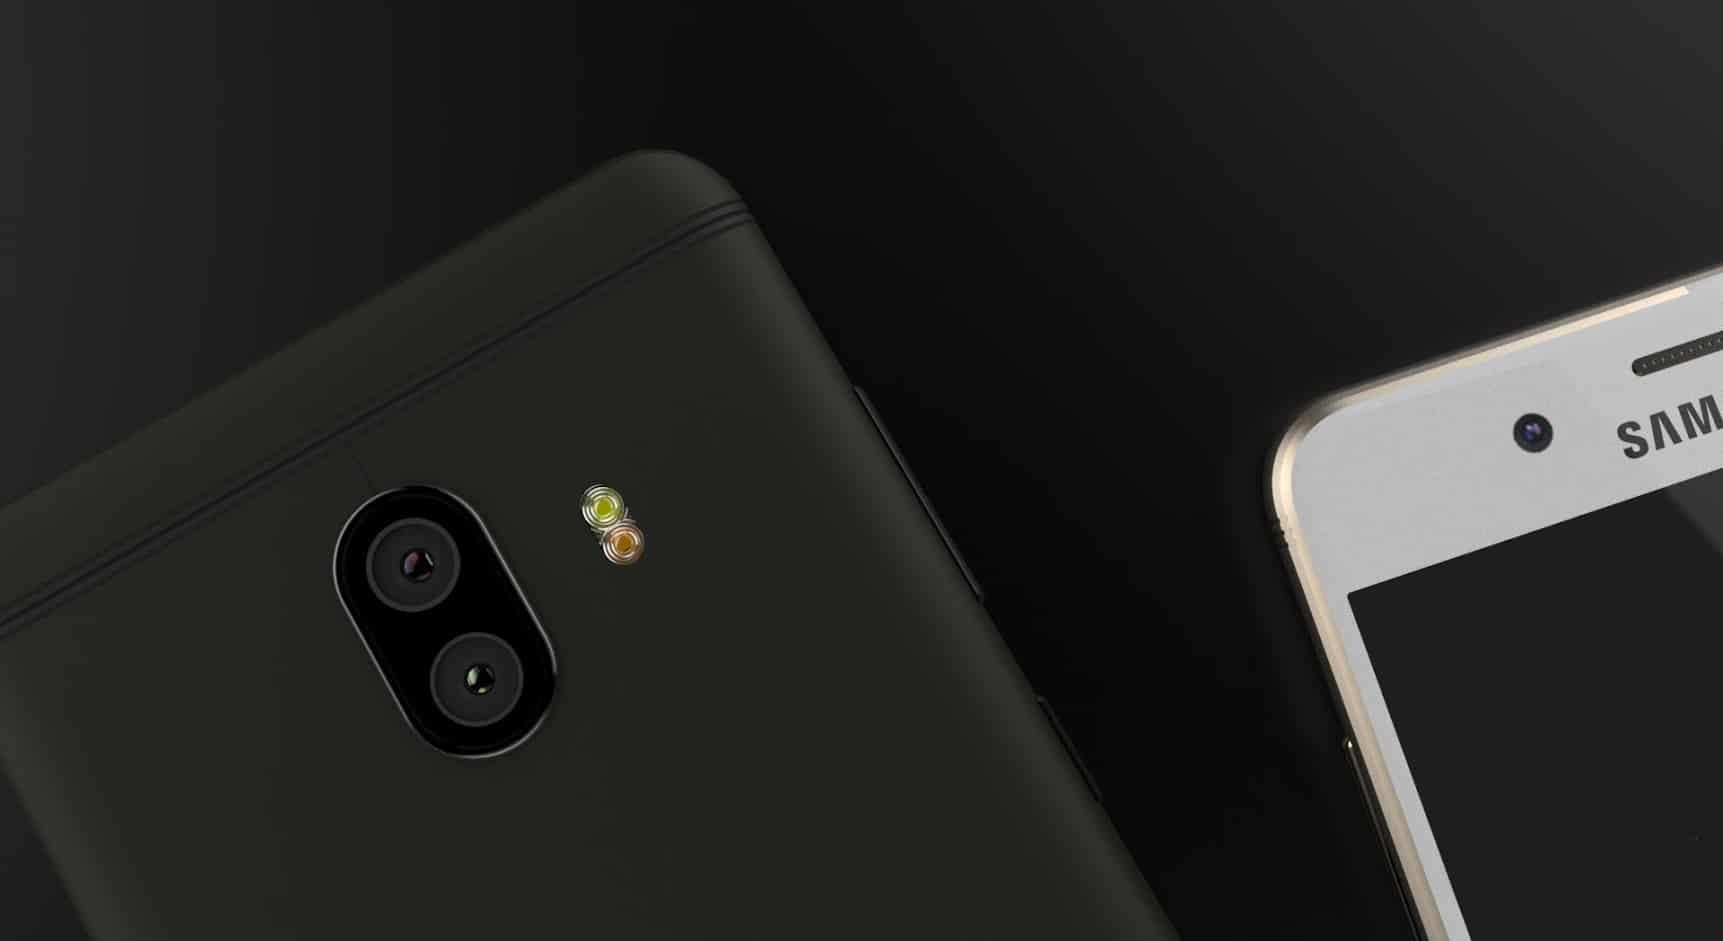 Novo smartphone da Samsung não tem conexão com internet